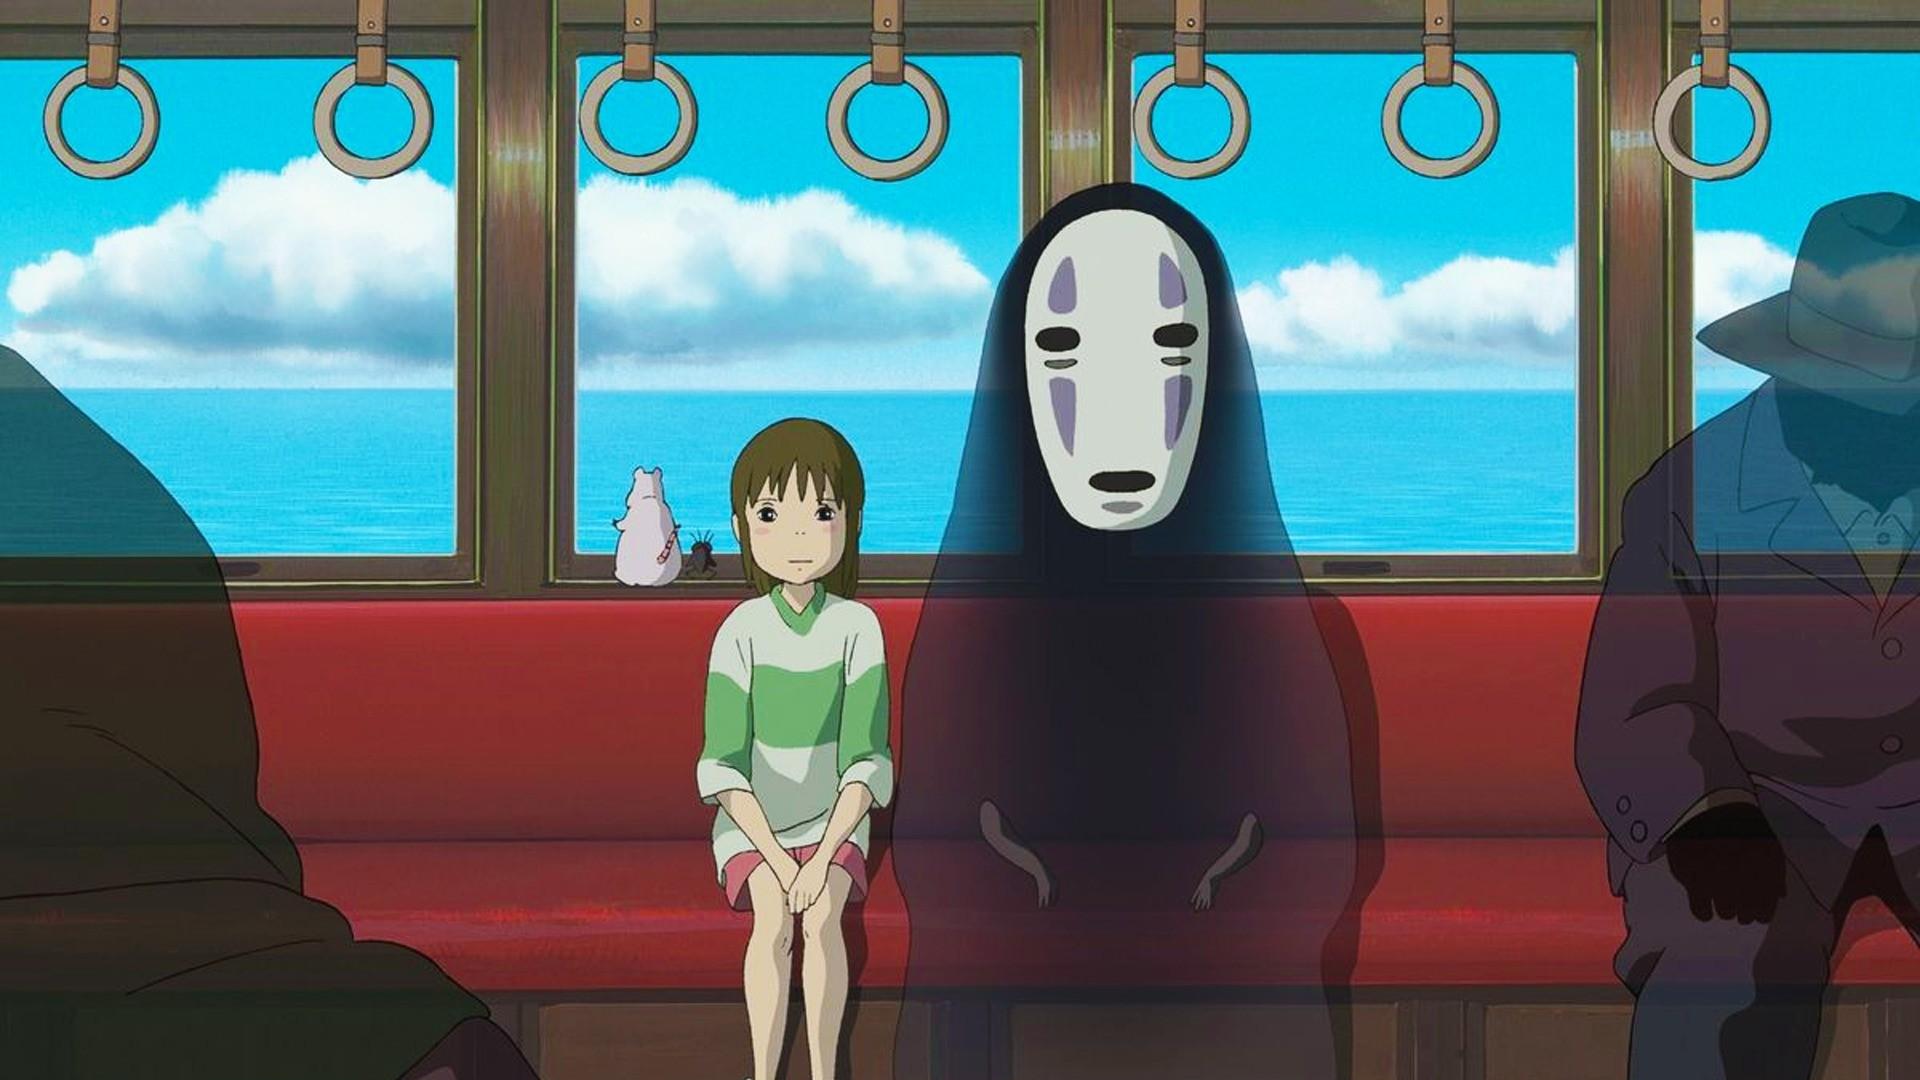 Niektoré príšerky v Ceste do fantázie môžu deti najprv vystrašiť. Strach však tento film napokon aj lieči, pretože malá Chihiro sa vie so všetkými z nich spriateliť.